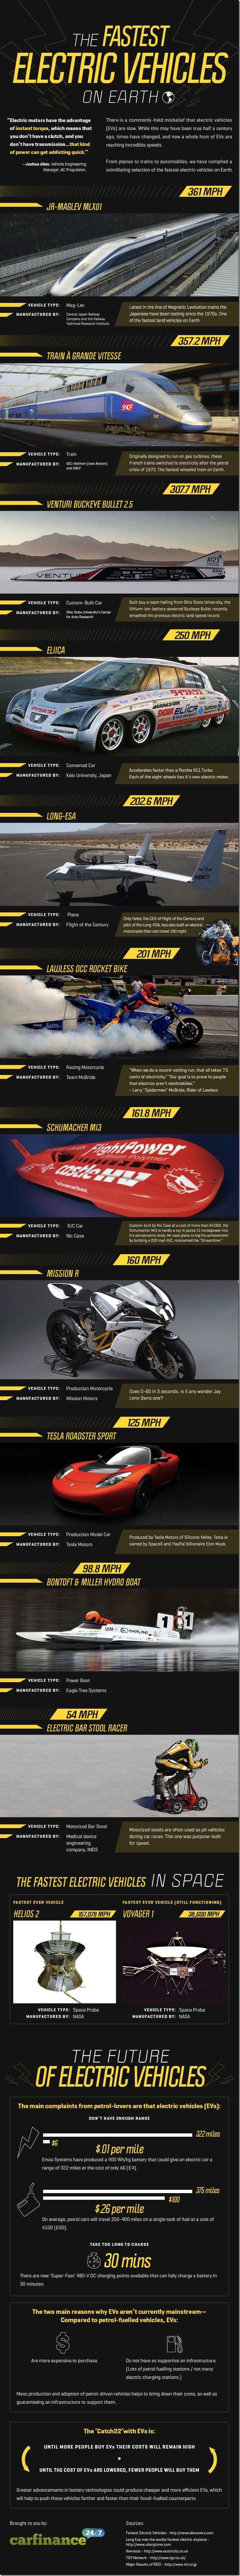 Infografik: Die schnellsten Elektrofahrzeuge der Welt